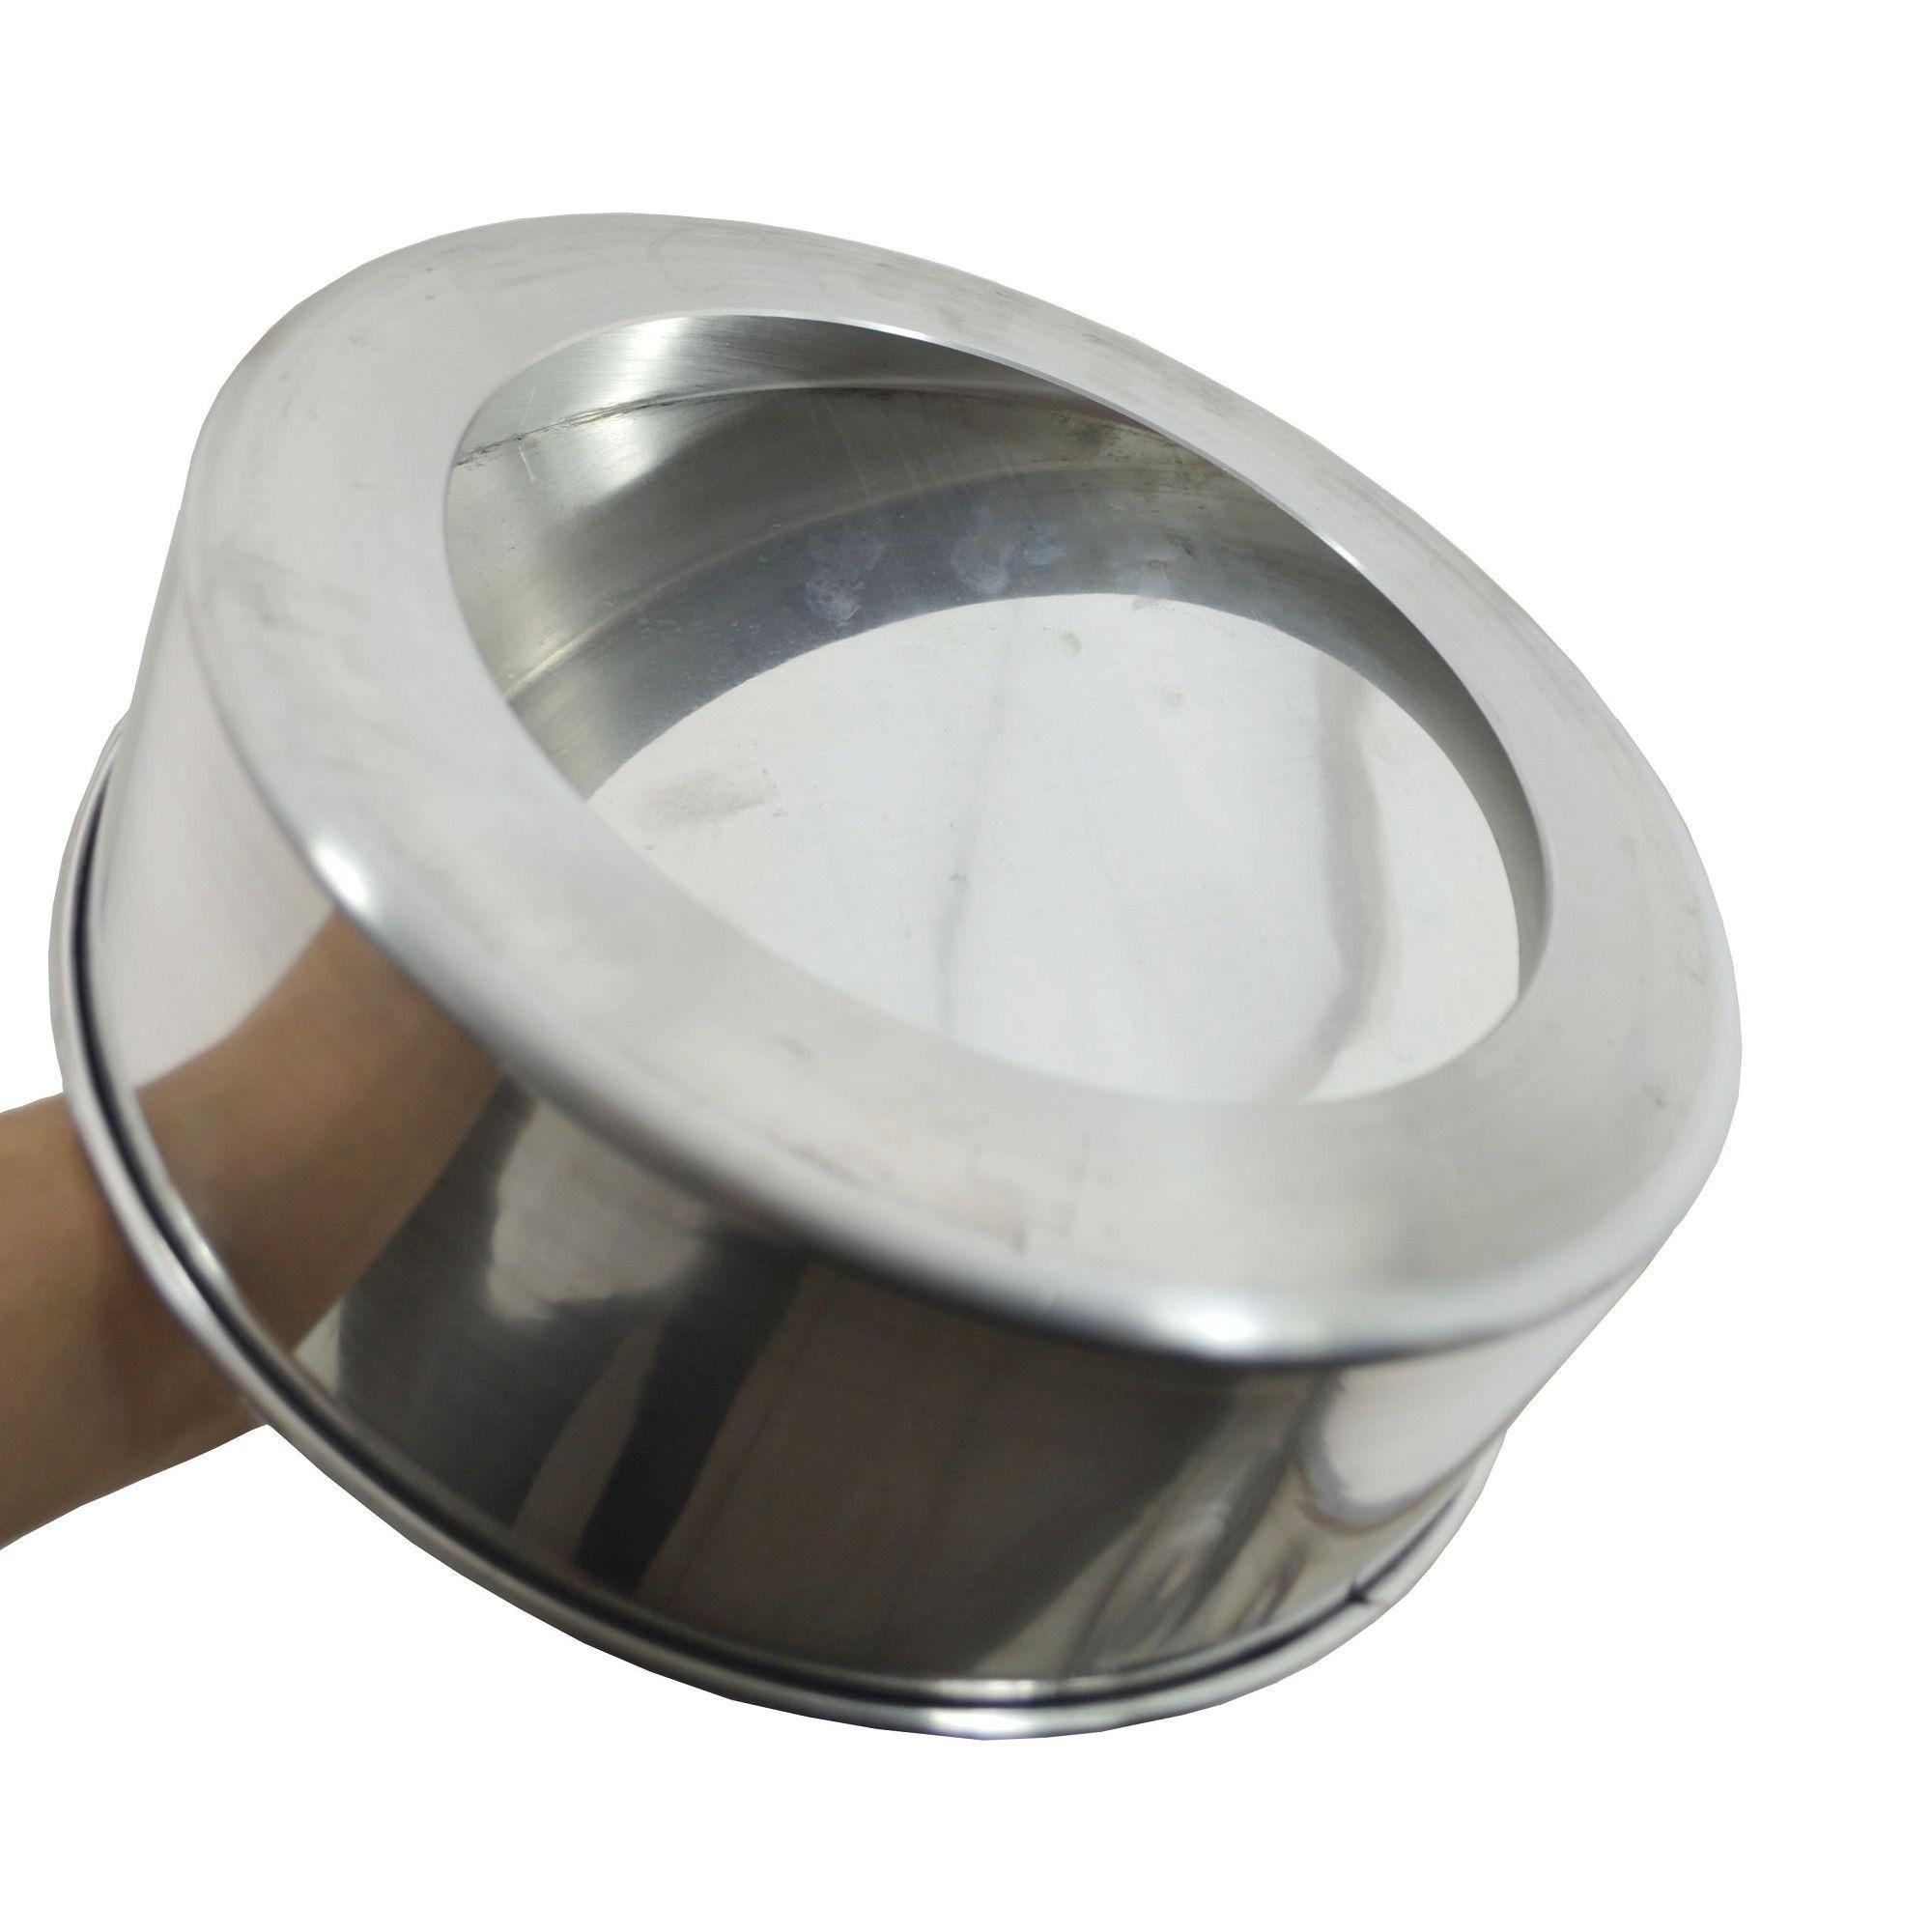 Forma de Bolo Assadeira Baixa Fundo Falso em Alumínio 25cm  - Panela de Ferro Fundido